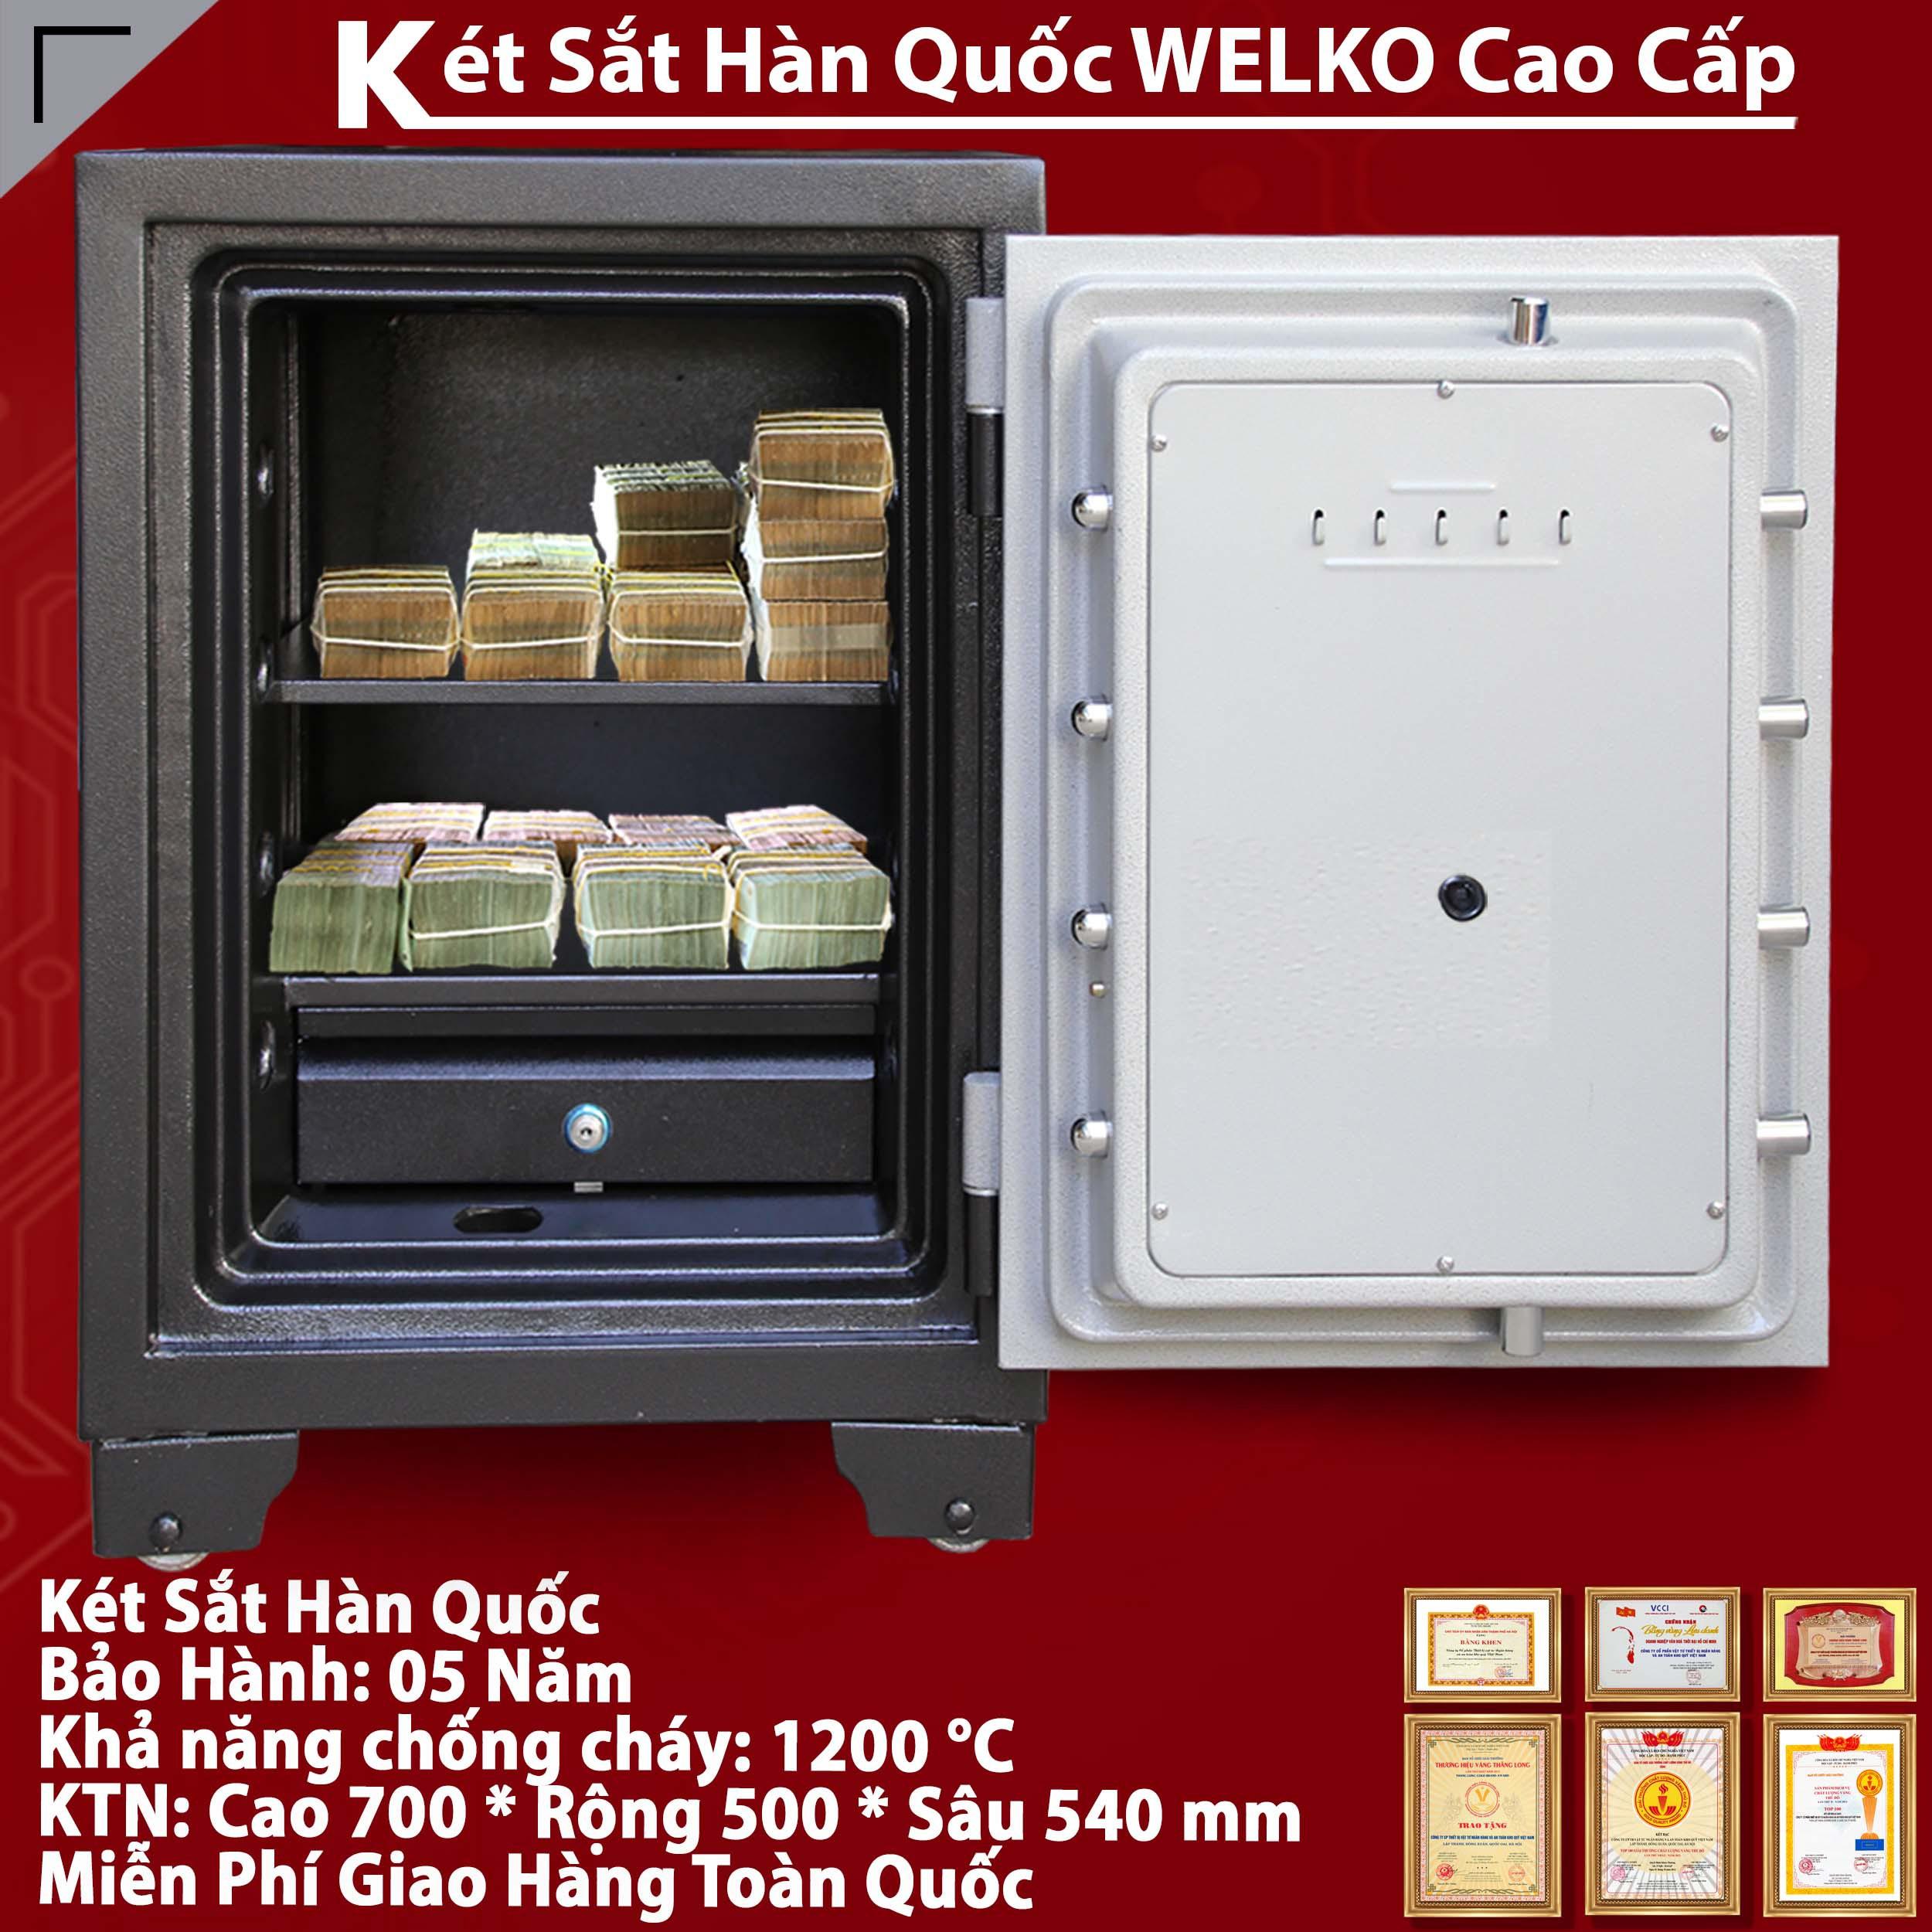 Két Sắt Văn Phòng S700 - E Gold